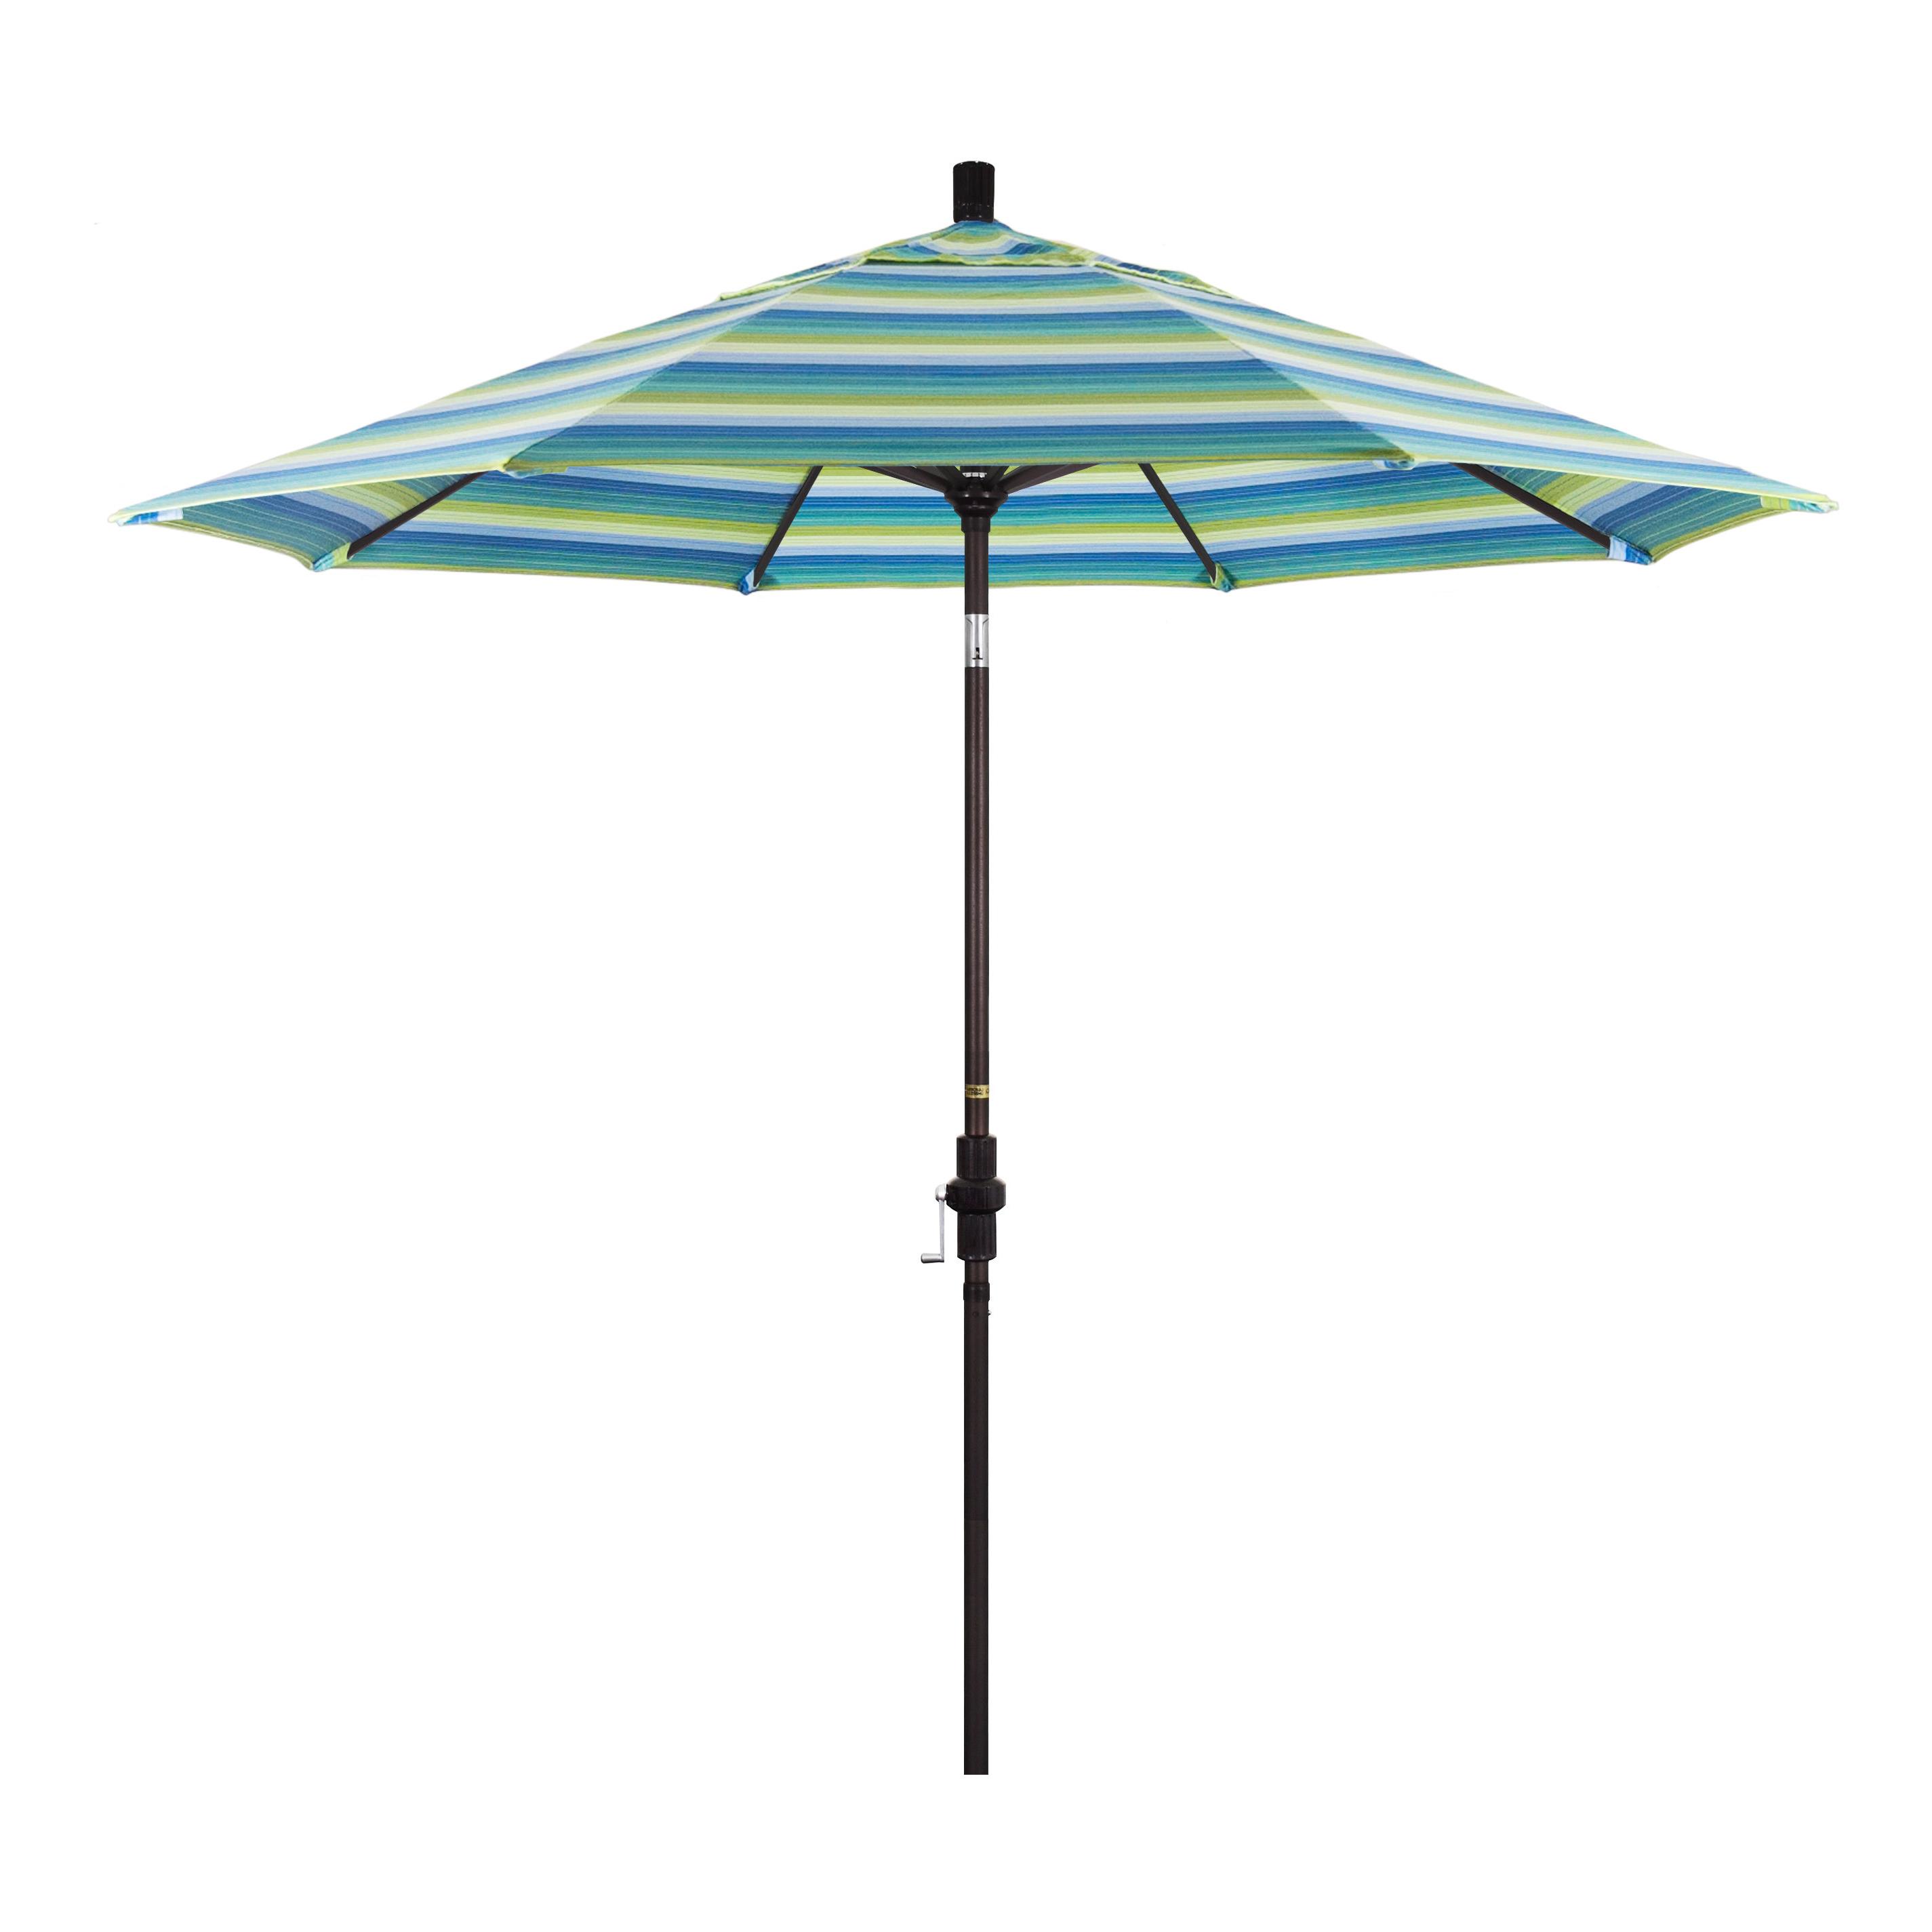 Golden State Series 9' Market Sunbrella Umbrella For Popular Wiechmann Push Tilt Market Sunbrella Umbrellas (View 10 of 20)